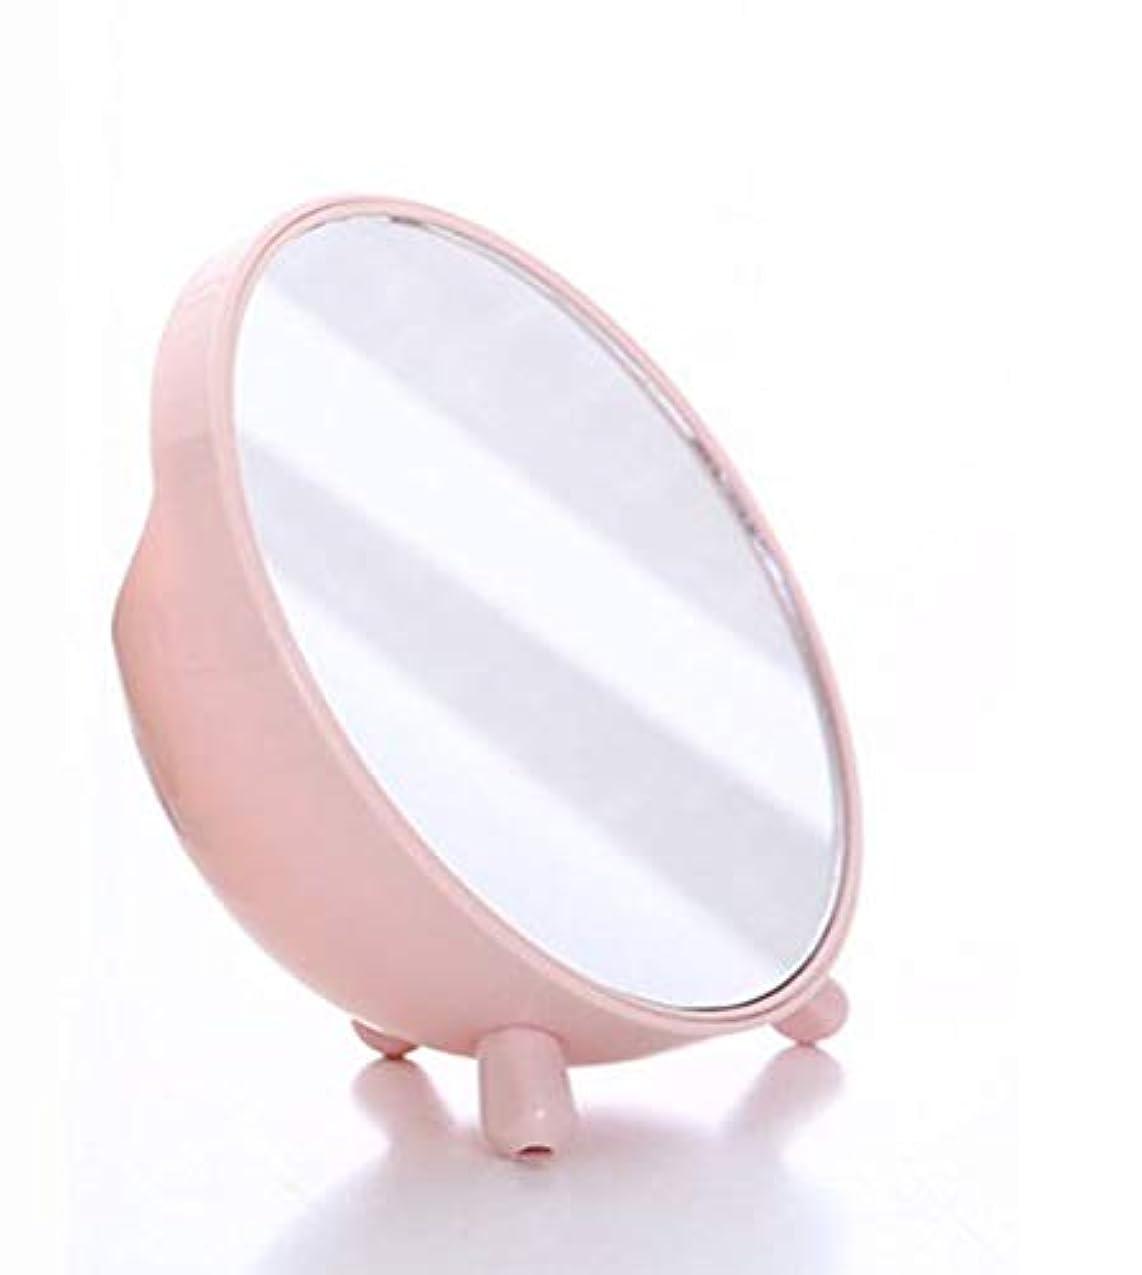 急襲服のホスト化粧鏡、収納ボックス化粧ギフトとピンクのシンプルなラウンドテーブル化粧鏡